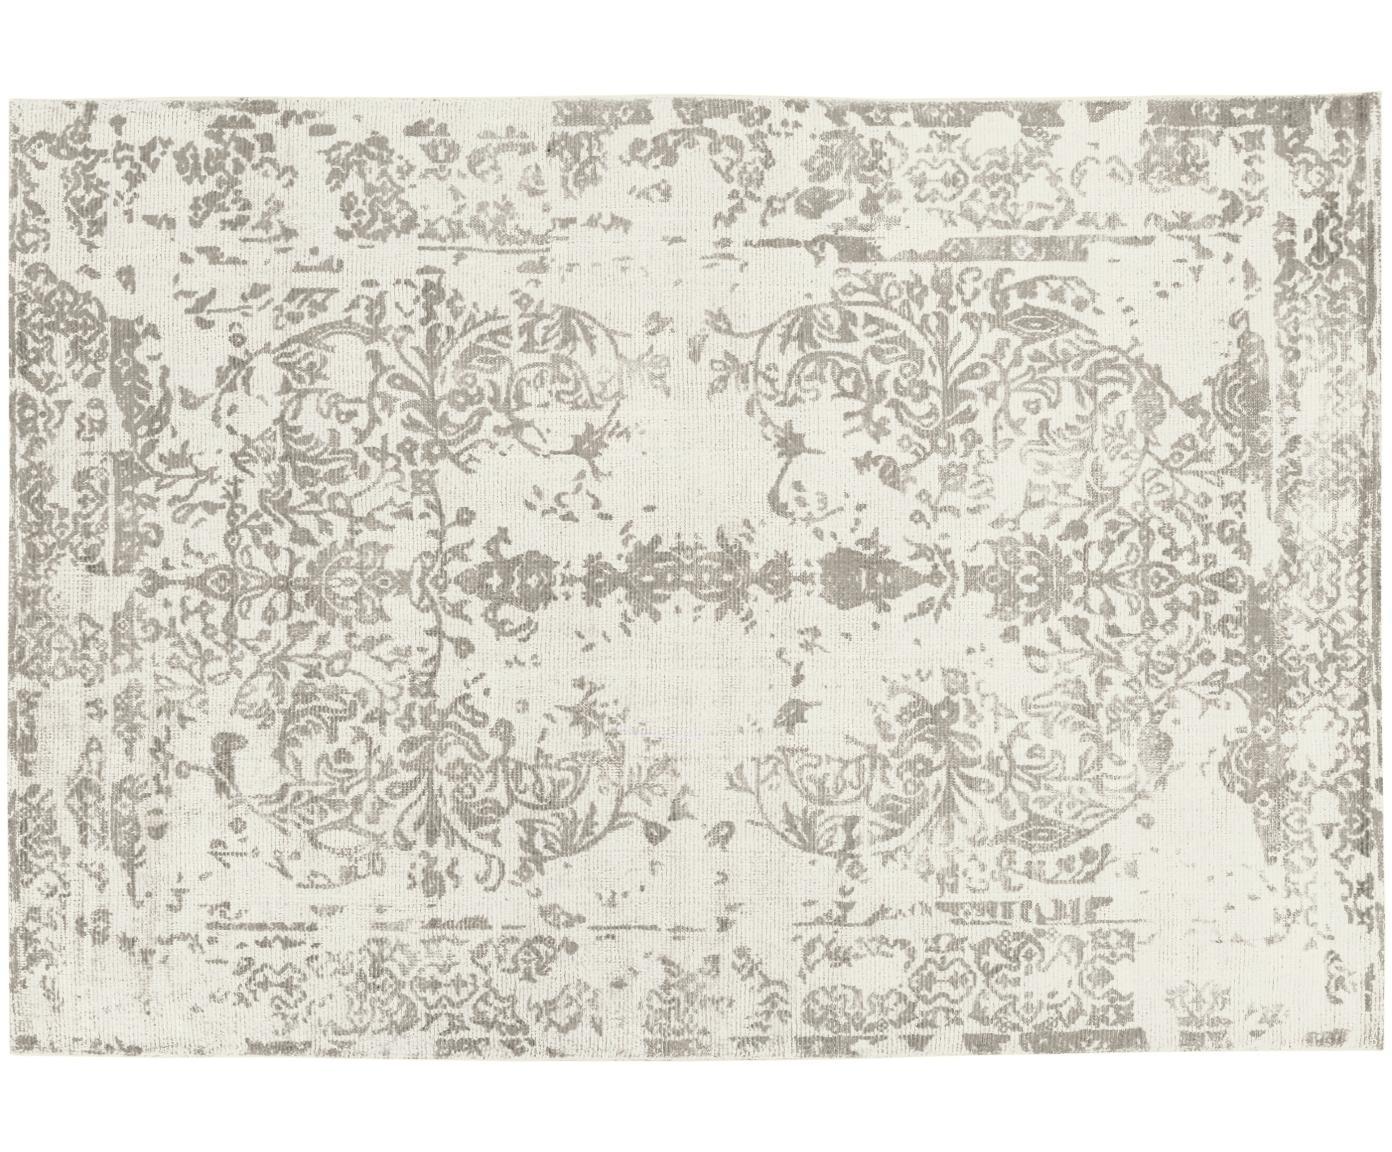 Tappeto vintage in lana/viscosa Cordoba, Beige, grigio chiaro, Larg. 140 x Lung. 200 cm (taglia S)